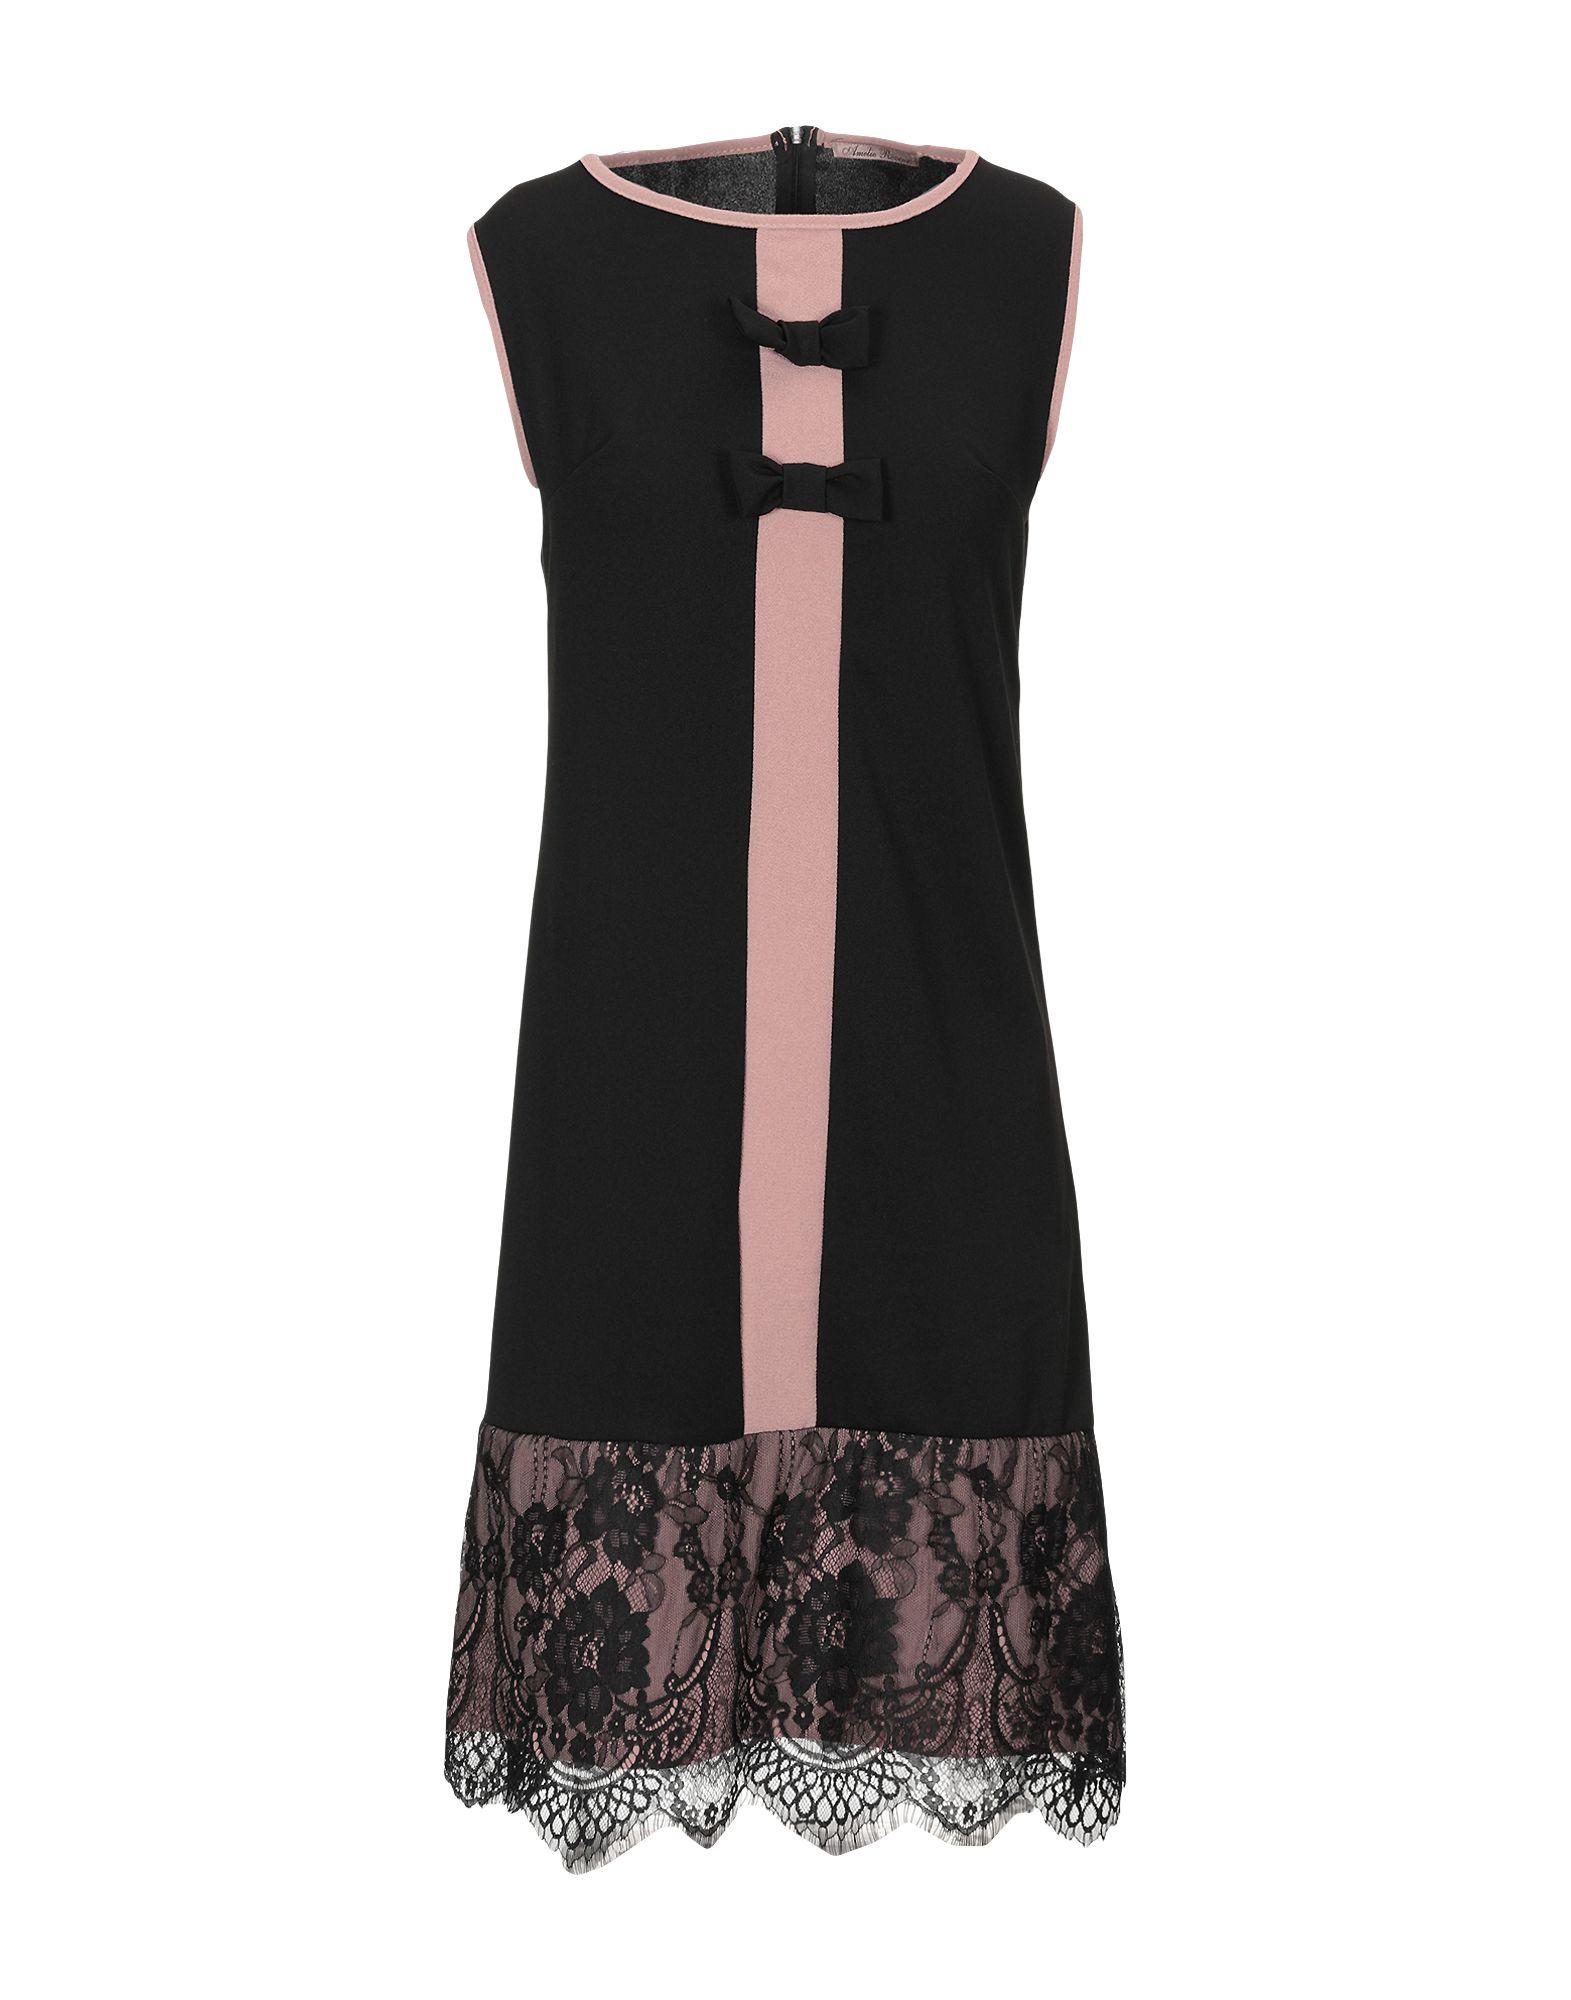 AMELIE RÊVEUR Короткое платье платье без рукавов с кружевной вставкой на спинке